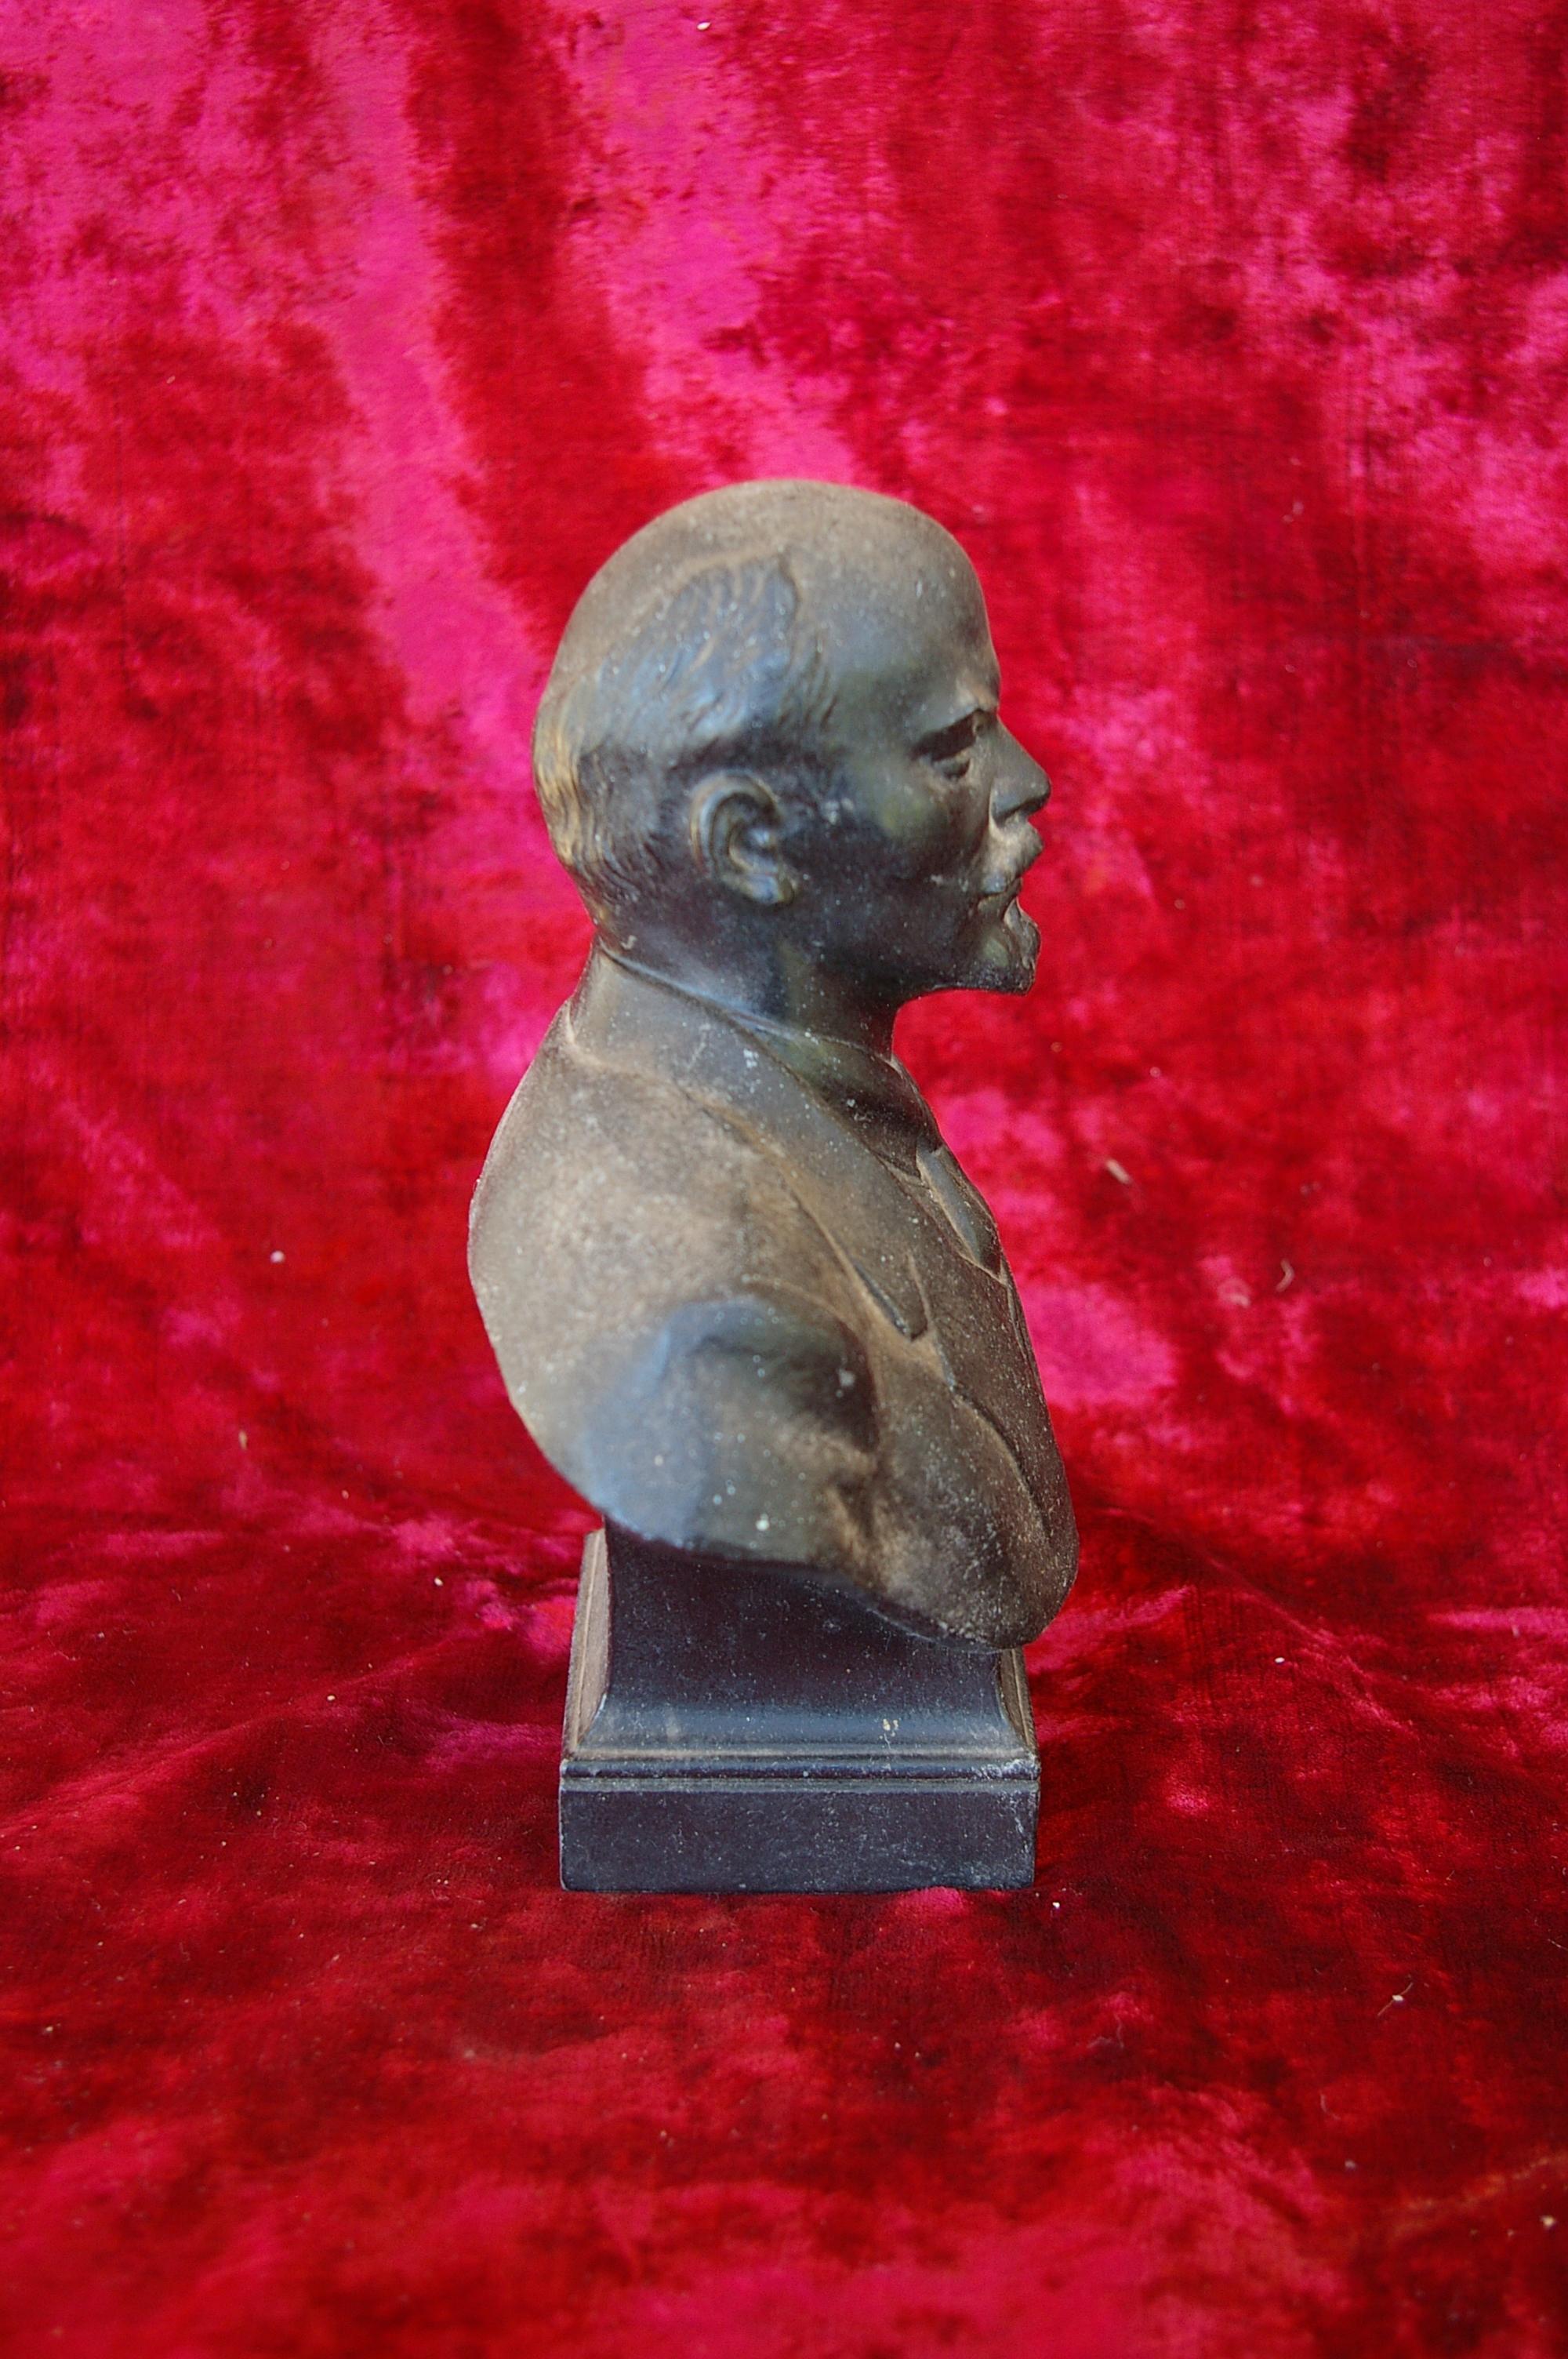 Ленин бюст, материал метал, высота 24 см., ширина 7 см., длина 7 см.  - 3